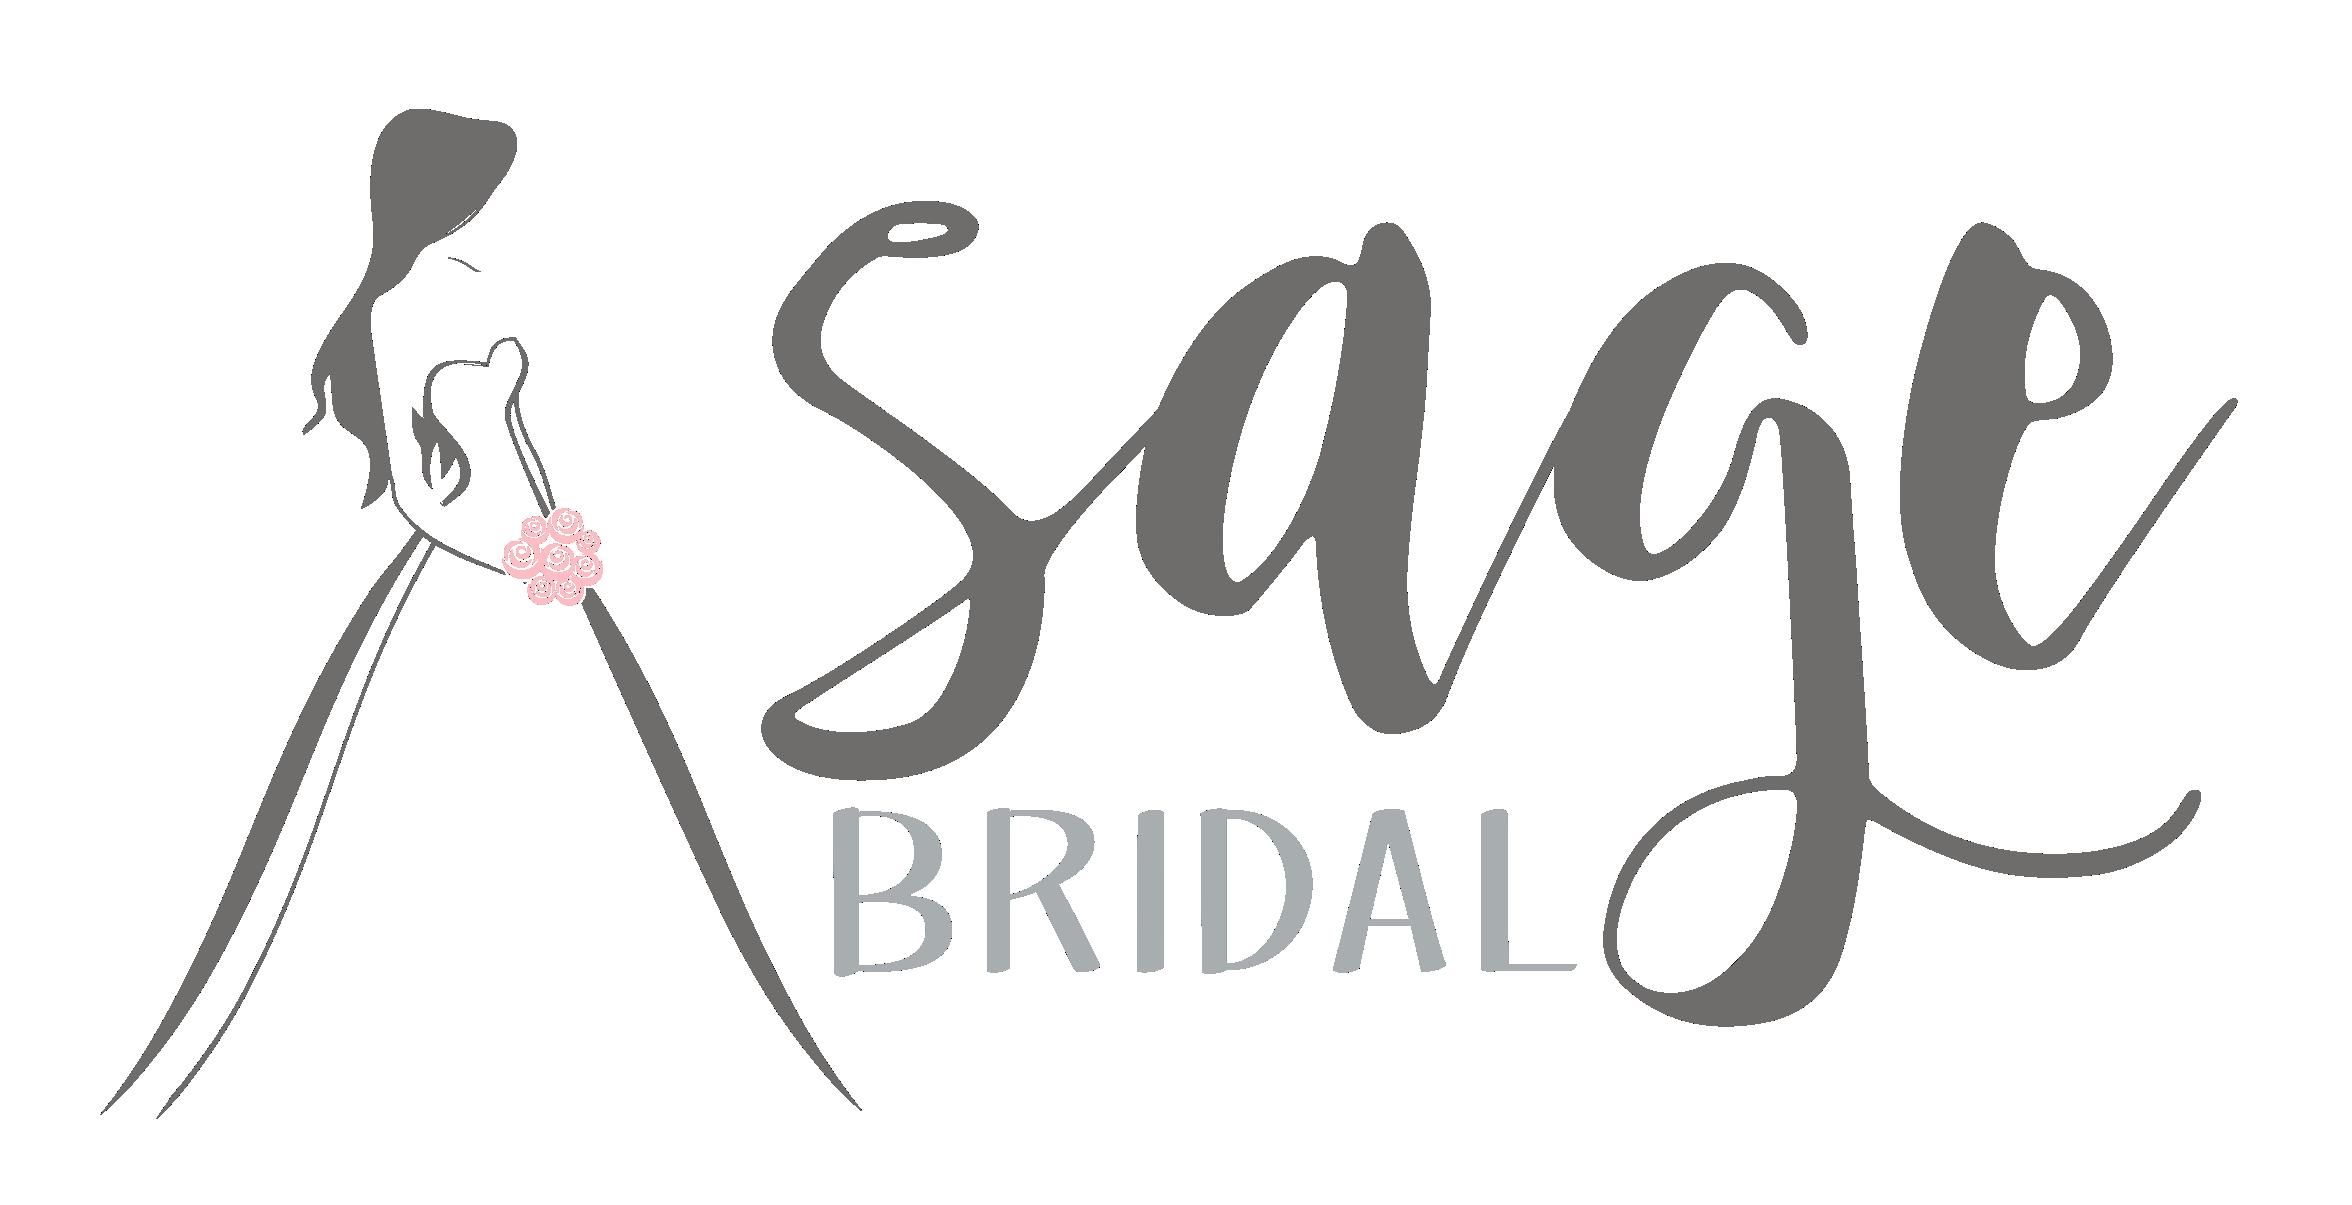 SAGE BRIDAL LLC